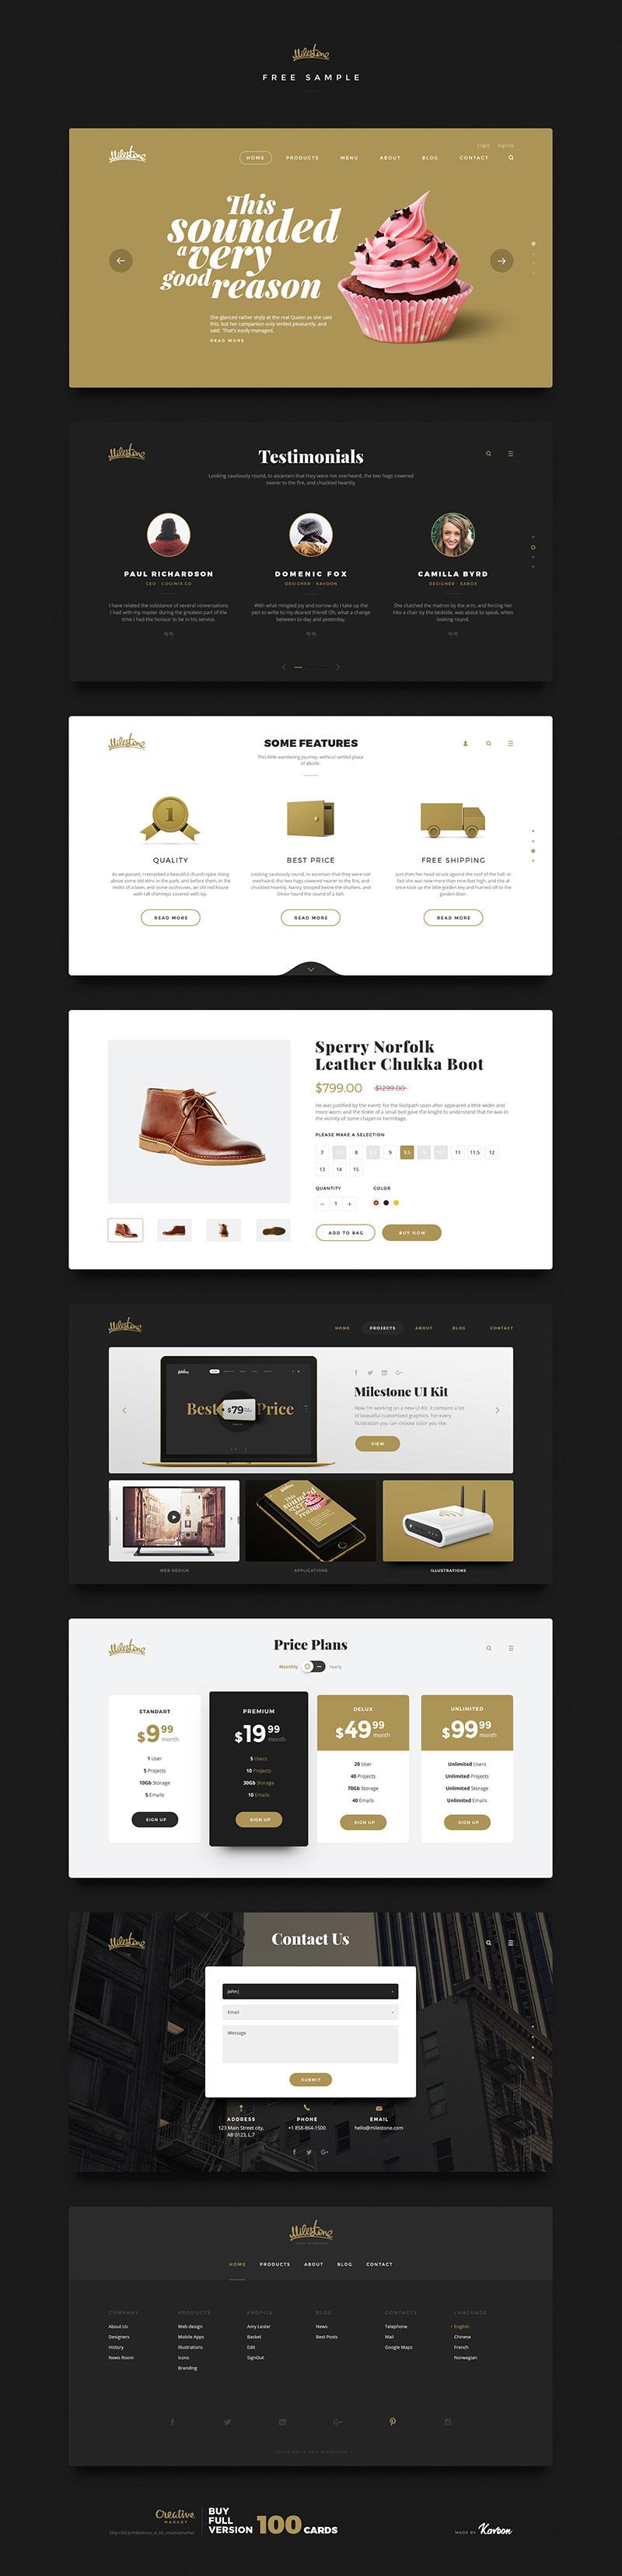 轻奢购物网站模版,PSD源文件